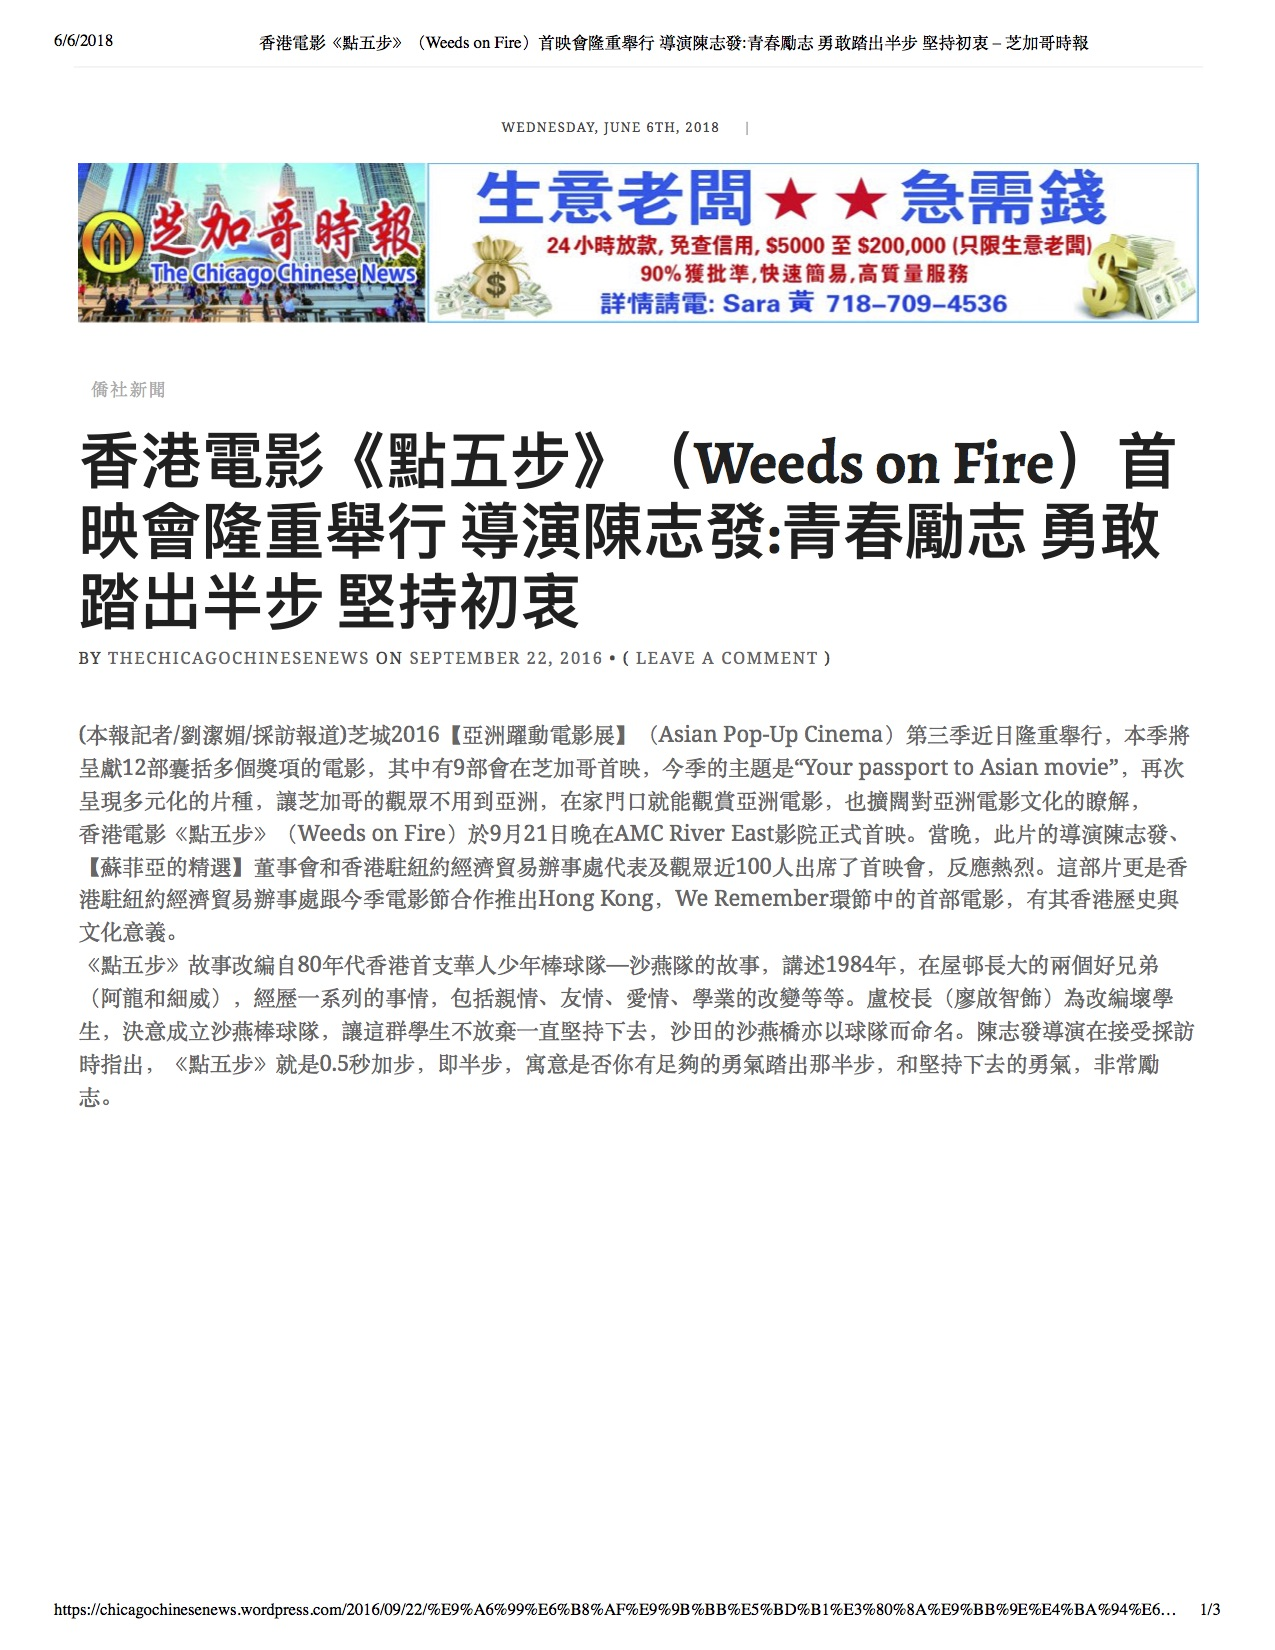 1香港電影《點五步》(Weeds on Fire)首映會隆重舉行 導演陳志發_青春勵志 勇敢踏出半步 堅持初衷 – 芝加哥時報.jpg